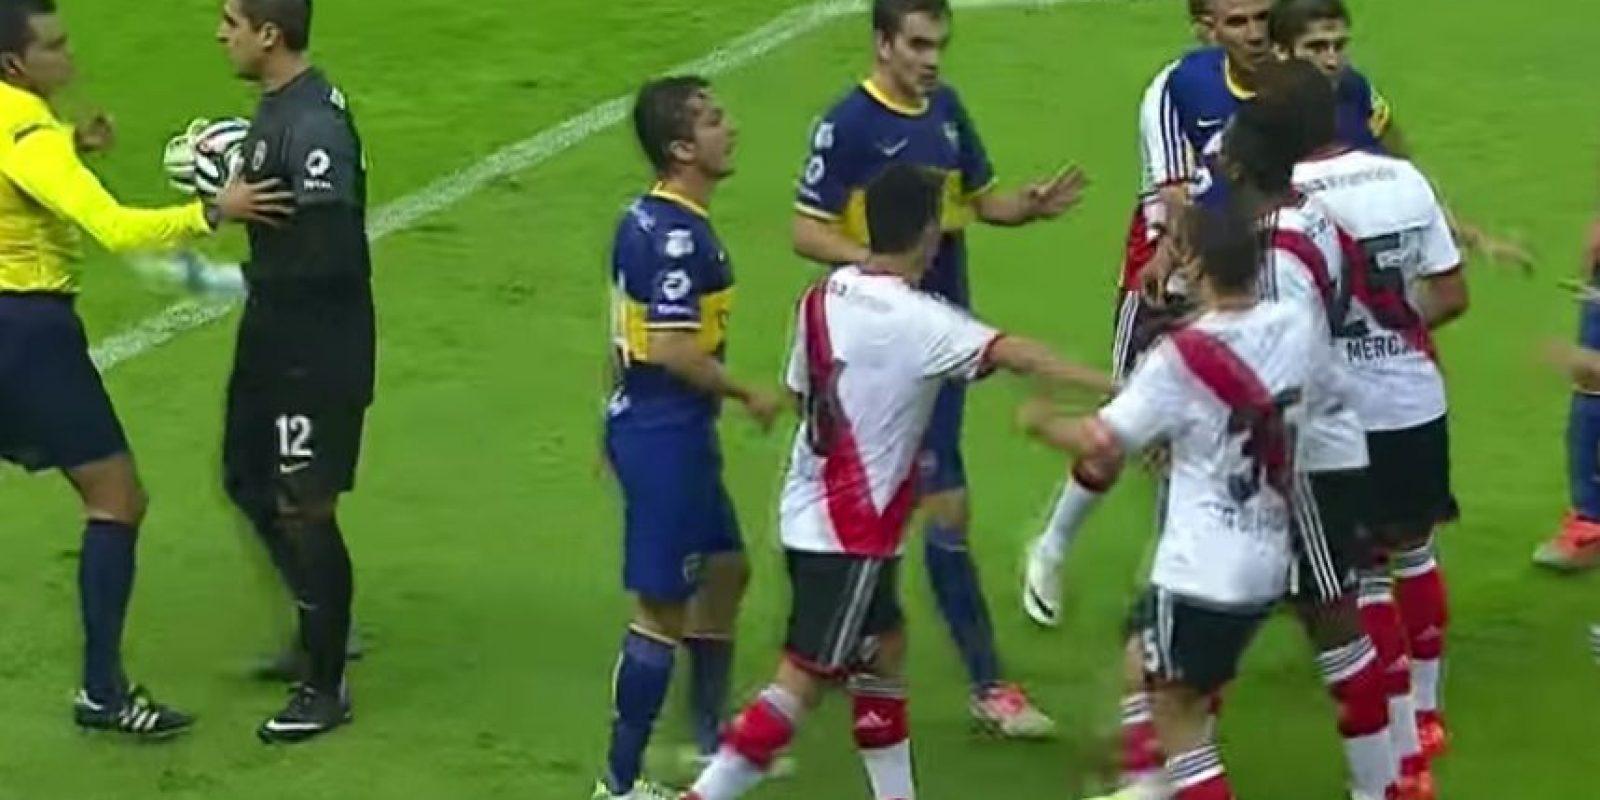 El mismo Pérez Durán cambió de decisión en un cotejo entre River Plate y Boca Juniors festejado el año pasado en el Estadio Azteca. Foto:Youtube: Fox Sports